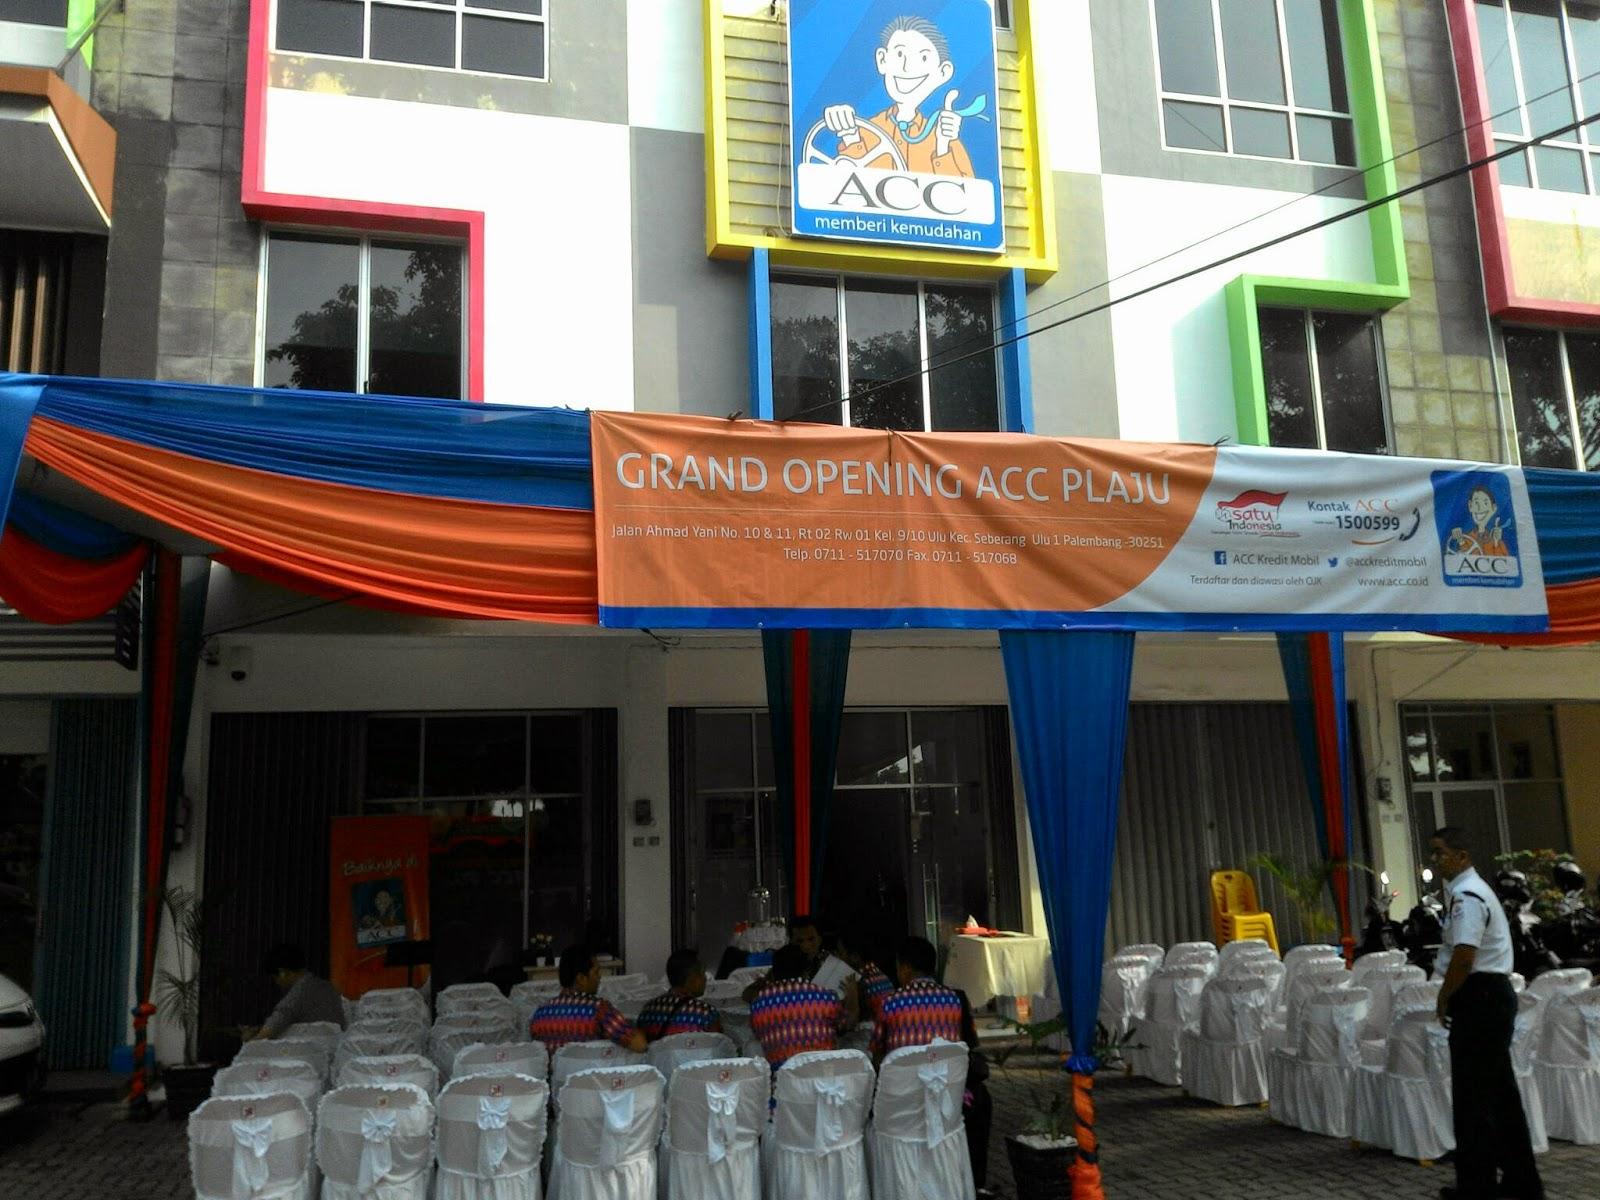 Rieza Harry Setiawan Grand Opening Acc Plaju Palembang